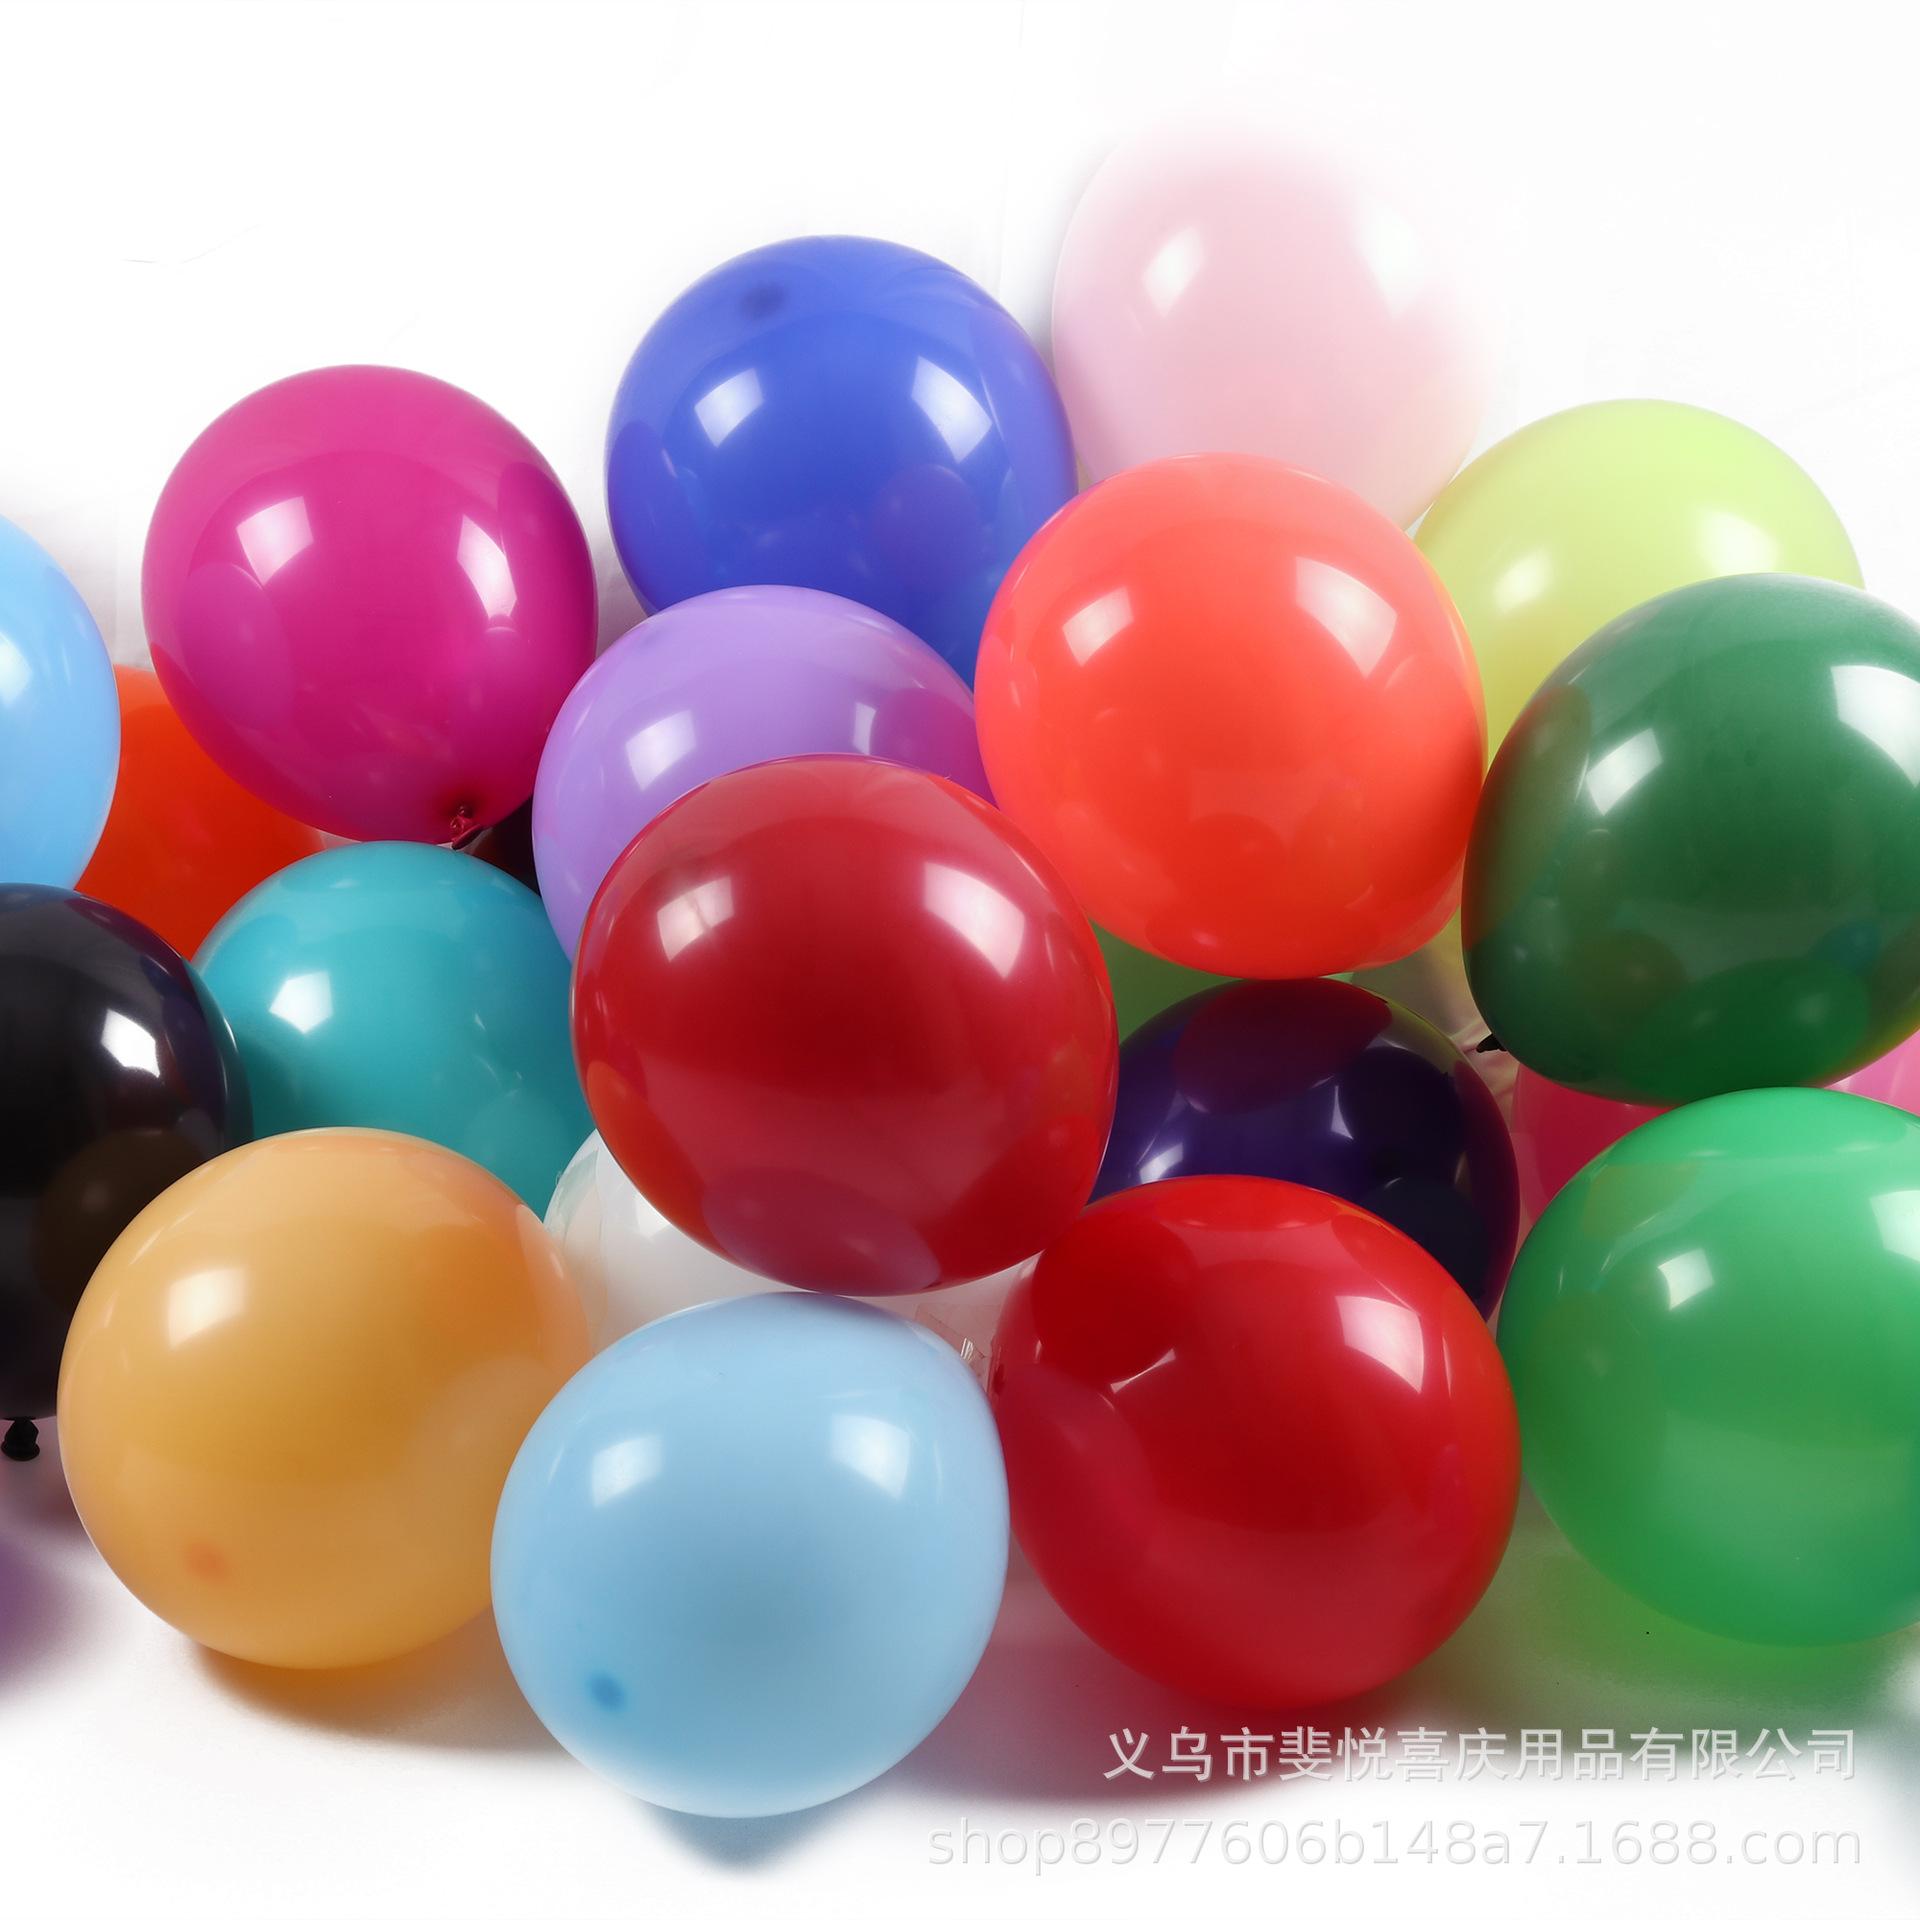 10寸2.2克昊霖亚光加厚仿美乳胶气球 生日派对场景布置婚礼装饰球